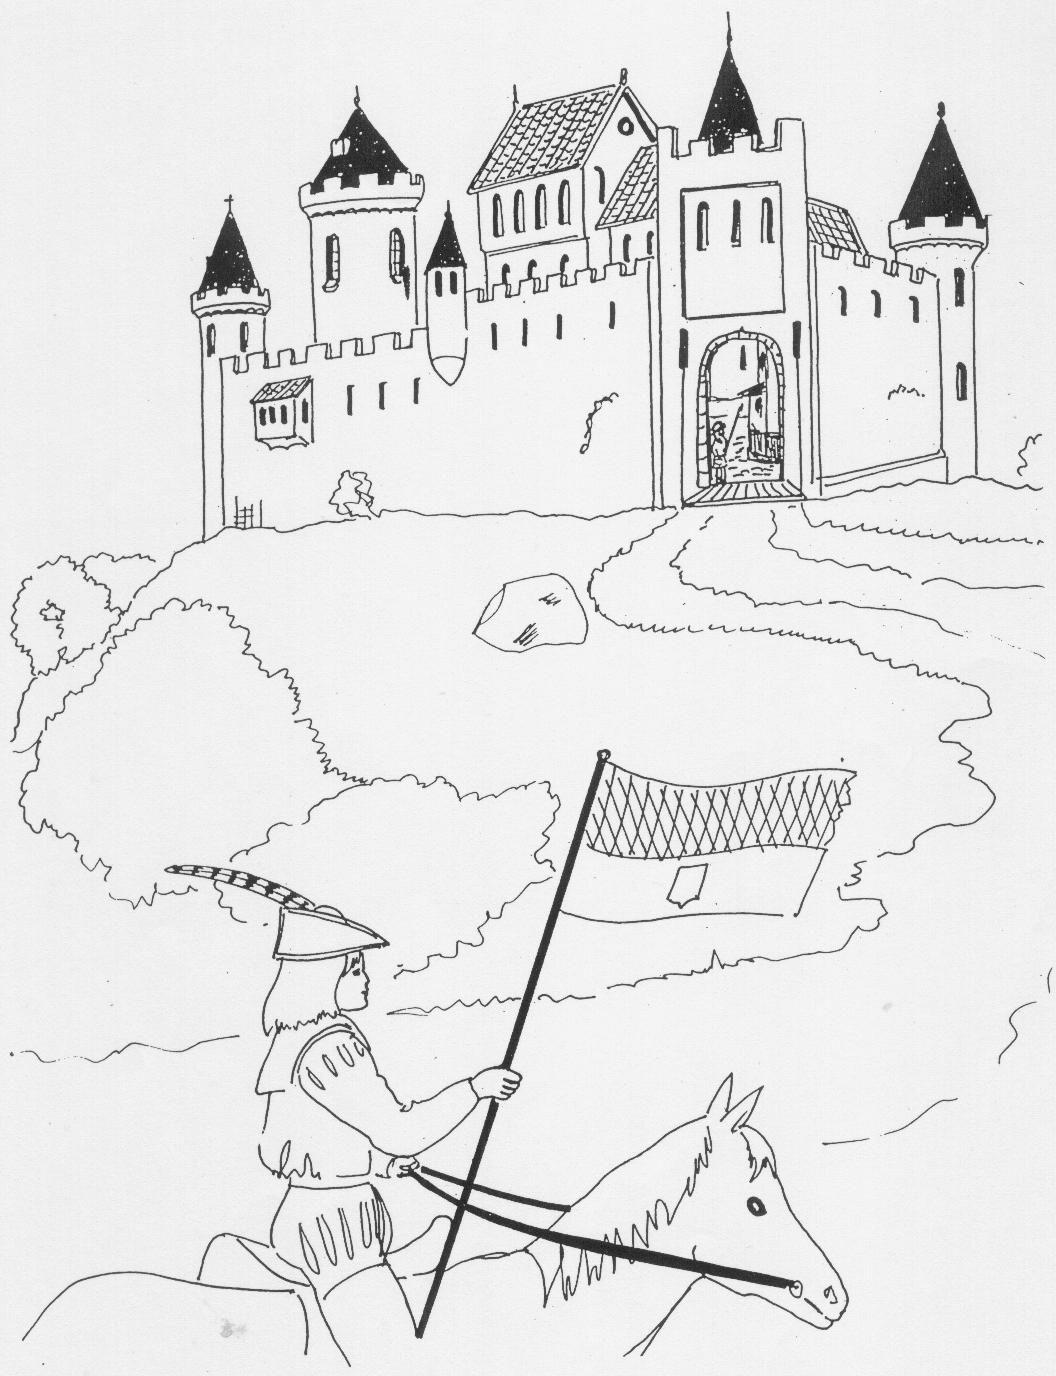 Ridder Te Paard Bij Kasteel Kleurplaat 001 Jpg 1056 1376 Ridders Kastelen Kleurplaten